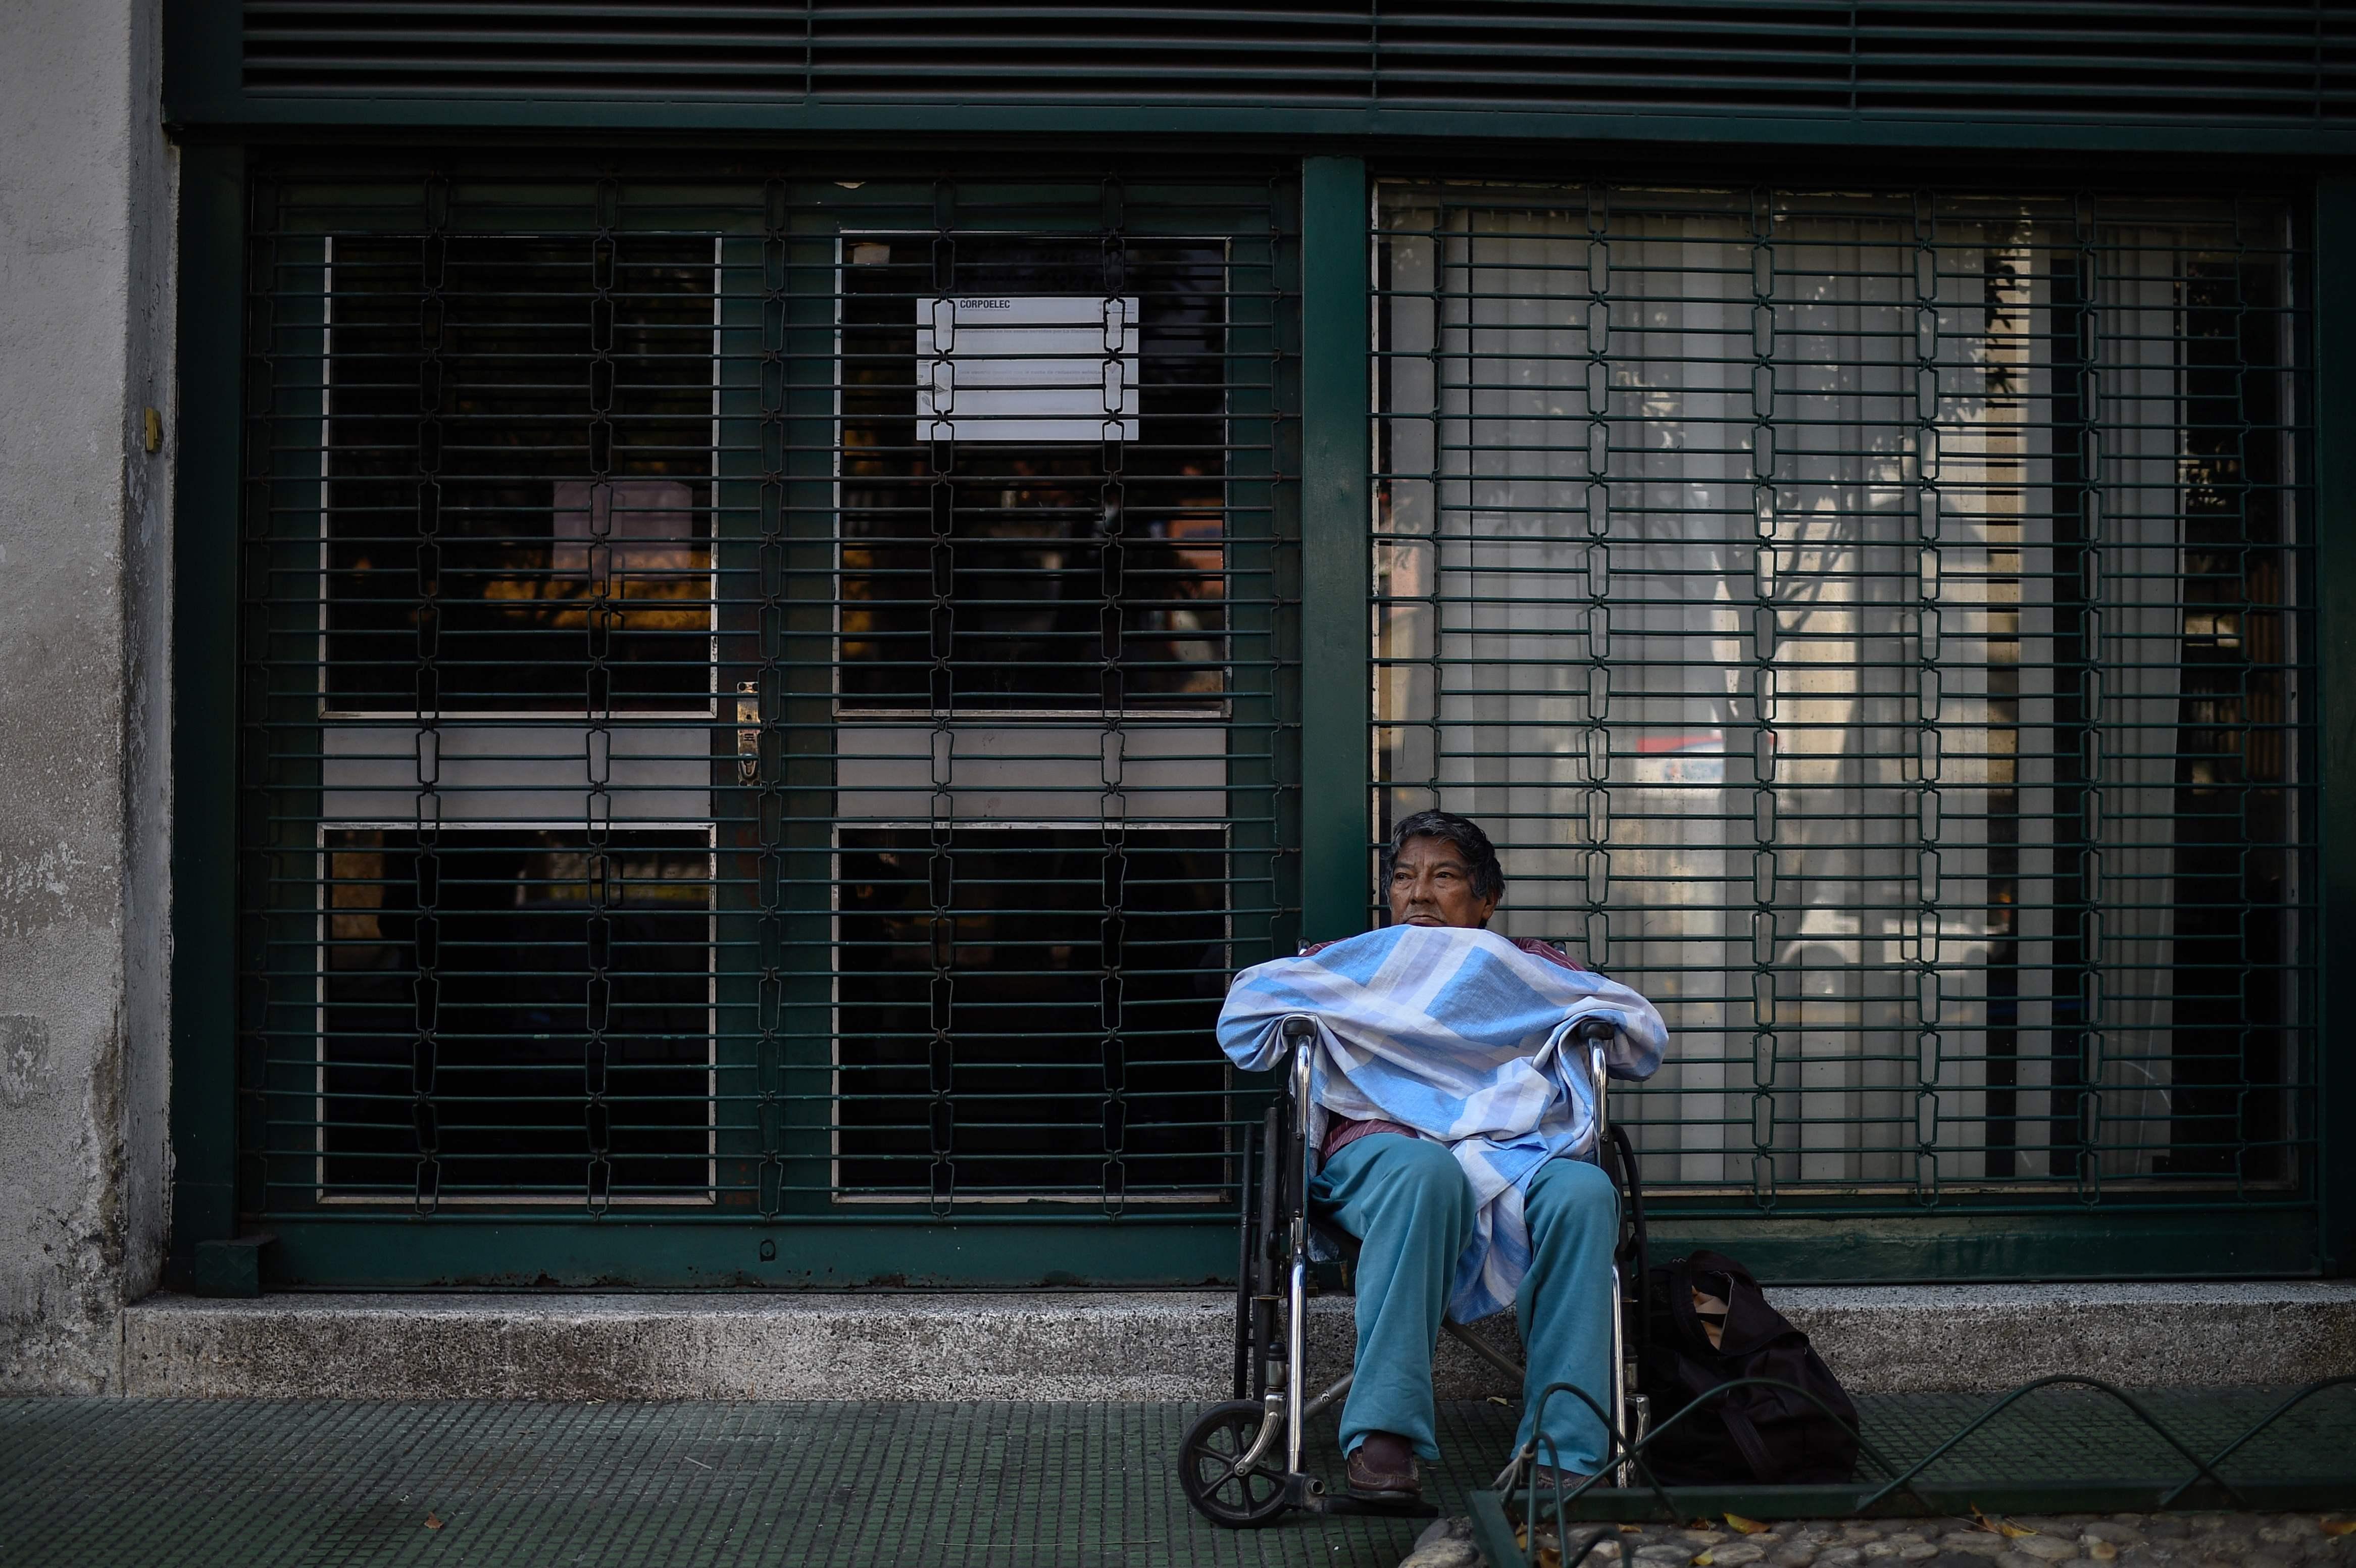 Un paciente en tratamiento de diálisis espera fuera de una clínica cerrada durante un apagón en Caracas. (Foto Prensa Libre: AFP)